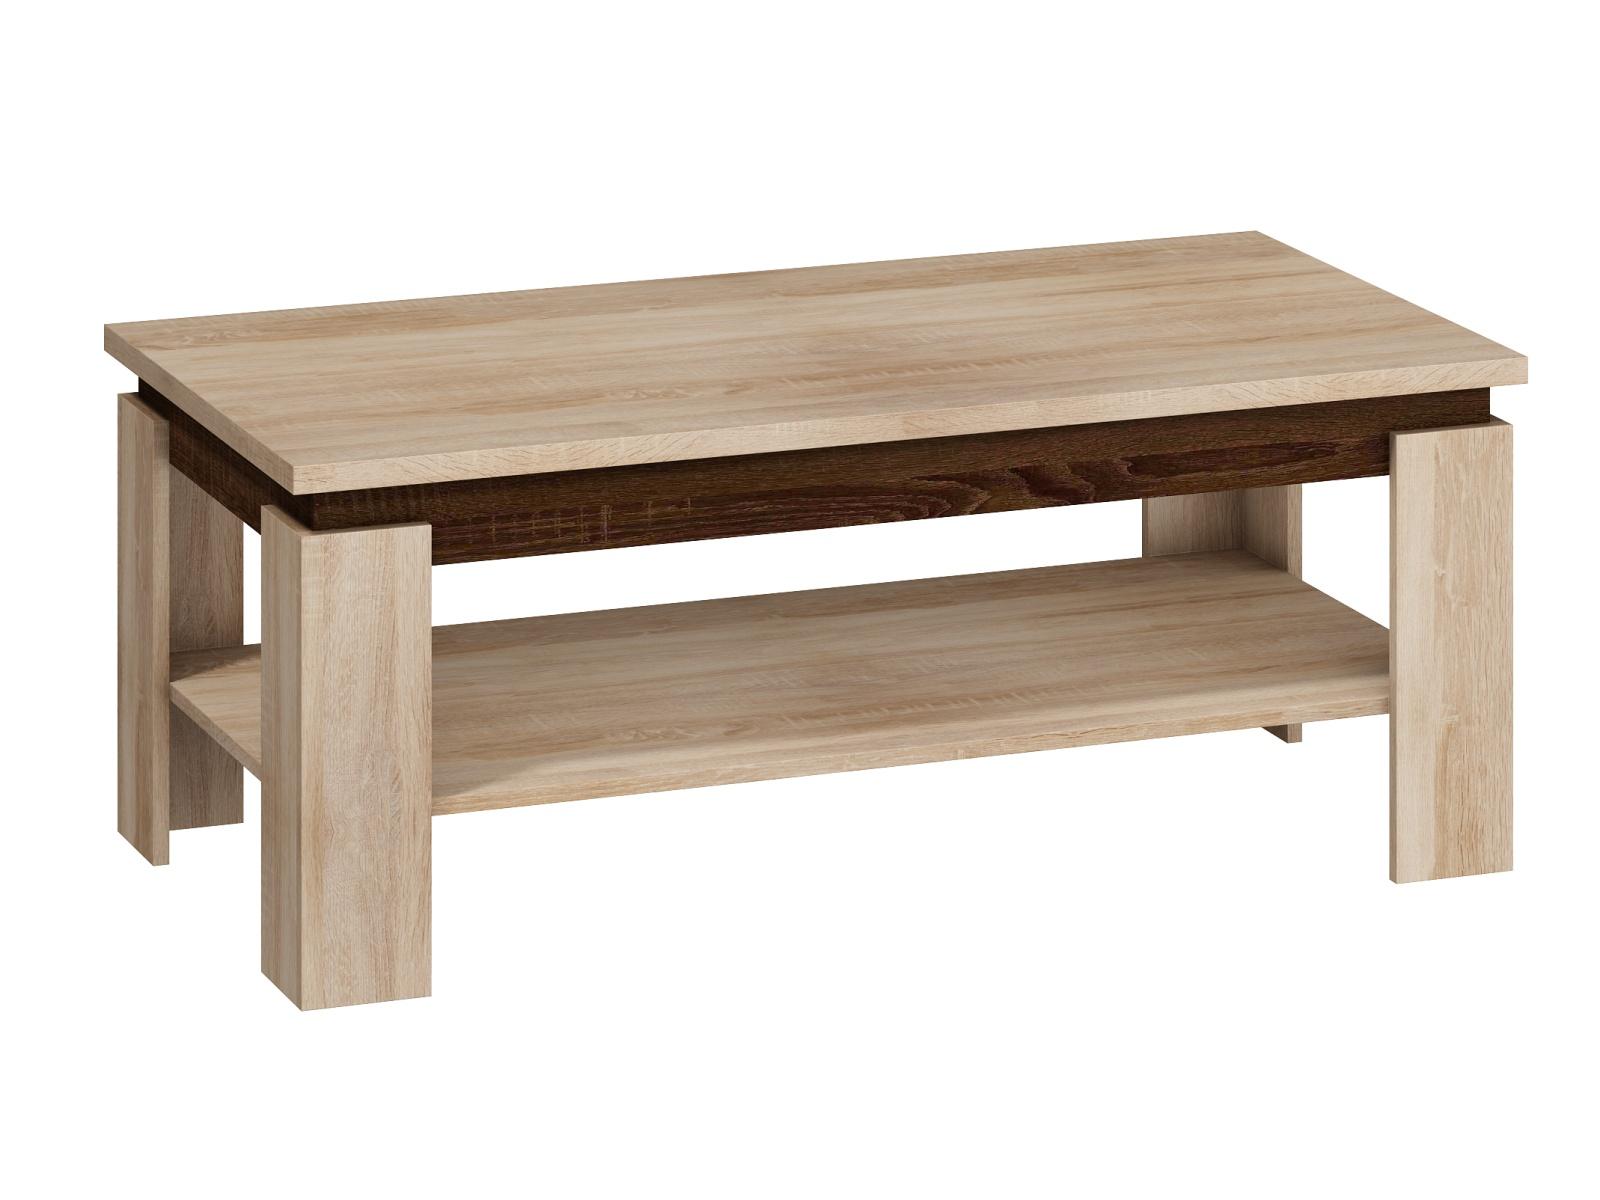 MORAVIA FLAT Konferenční stolek BETA, dub sonoma sv./tmavý